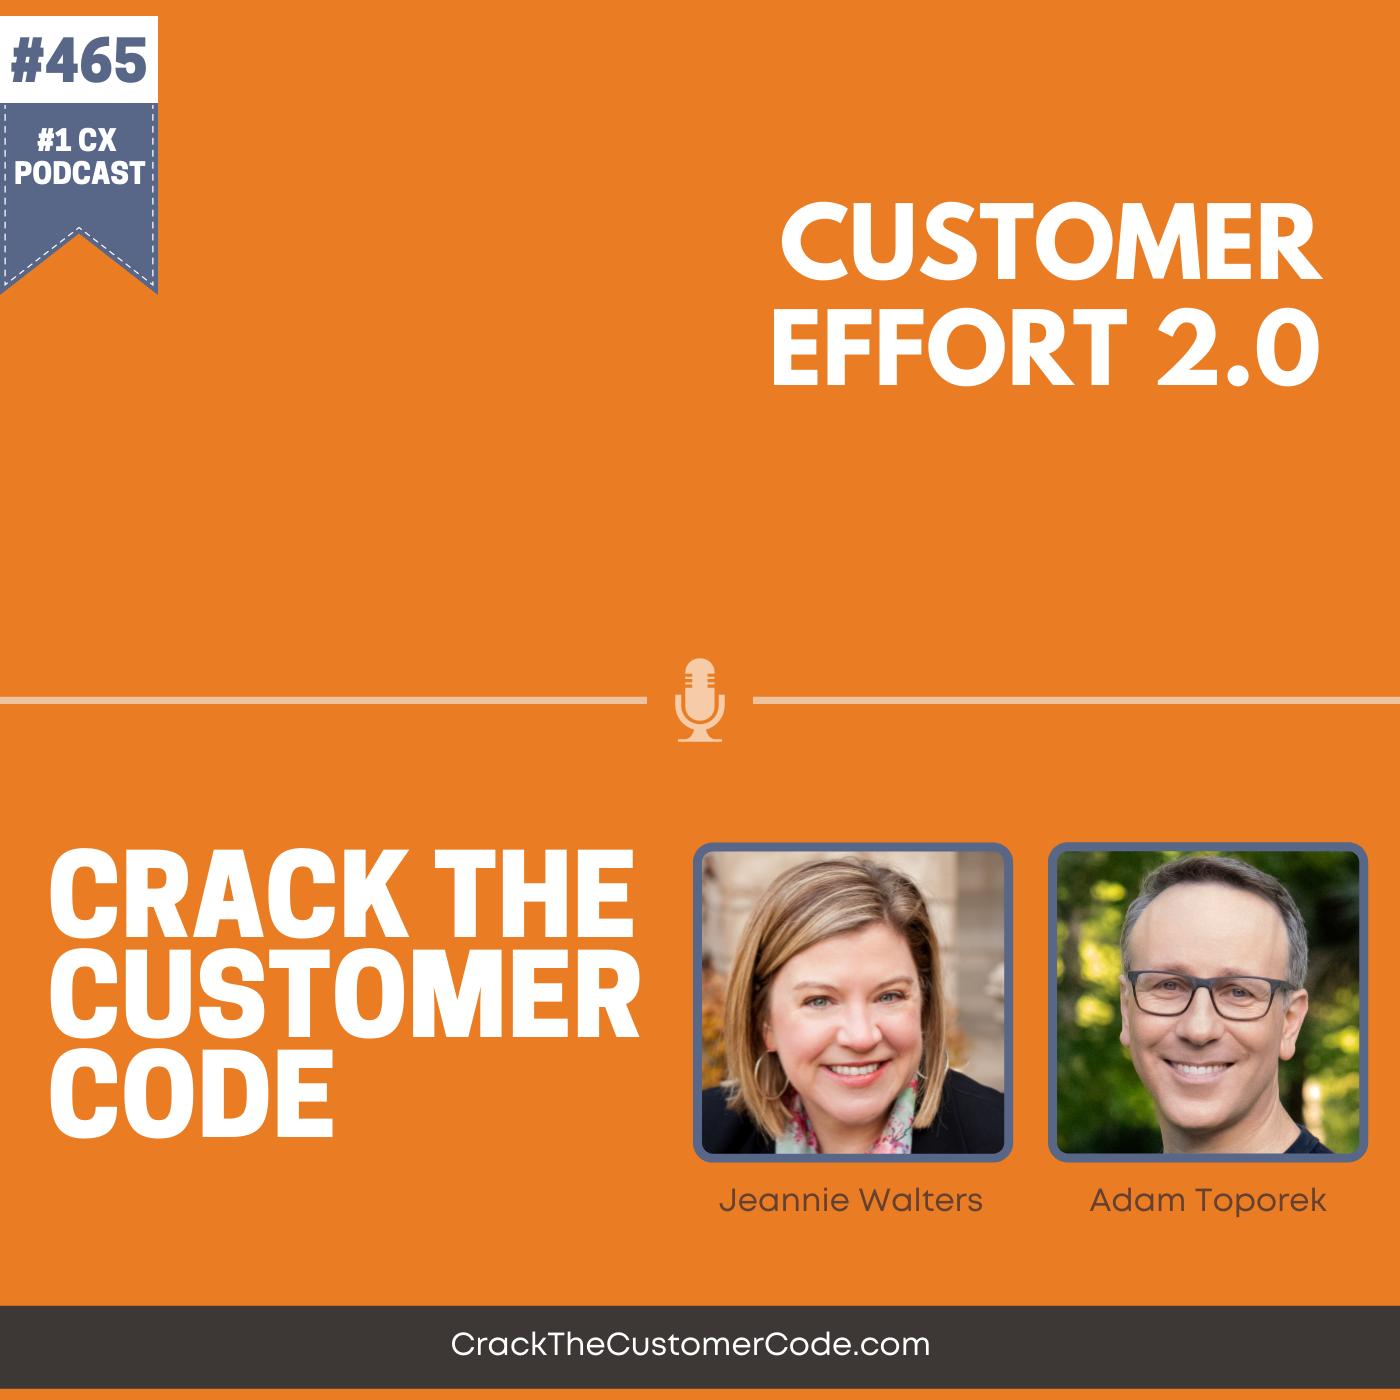 465: Customer Effort 2.0